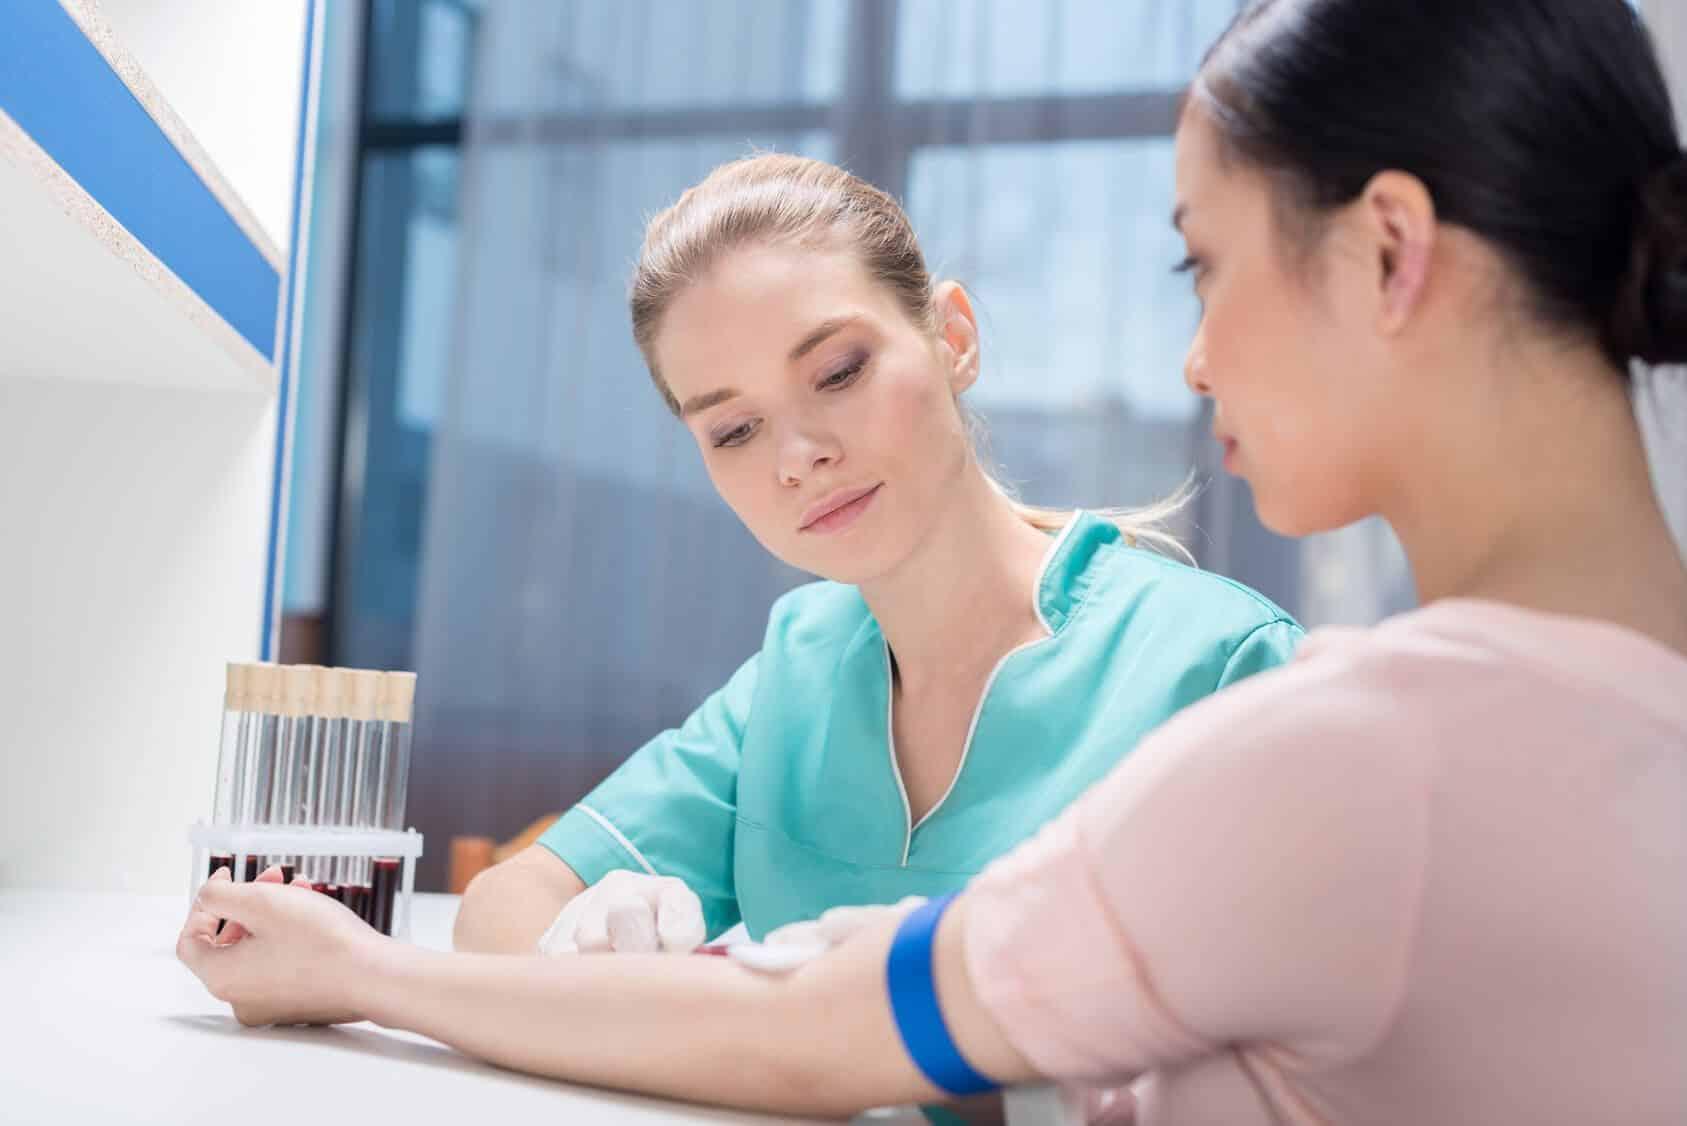 Проверить уровень кортизола можно посредством лабораторного обследования